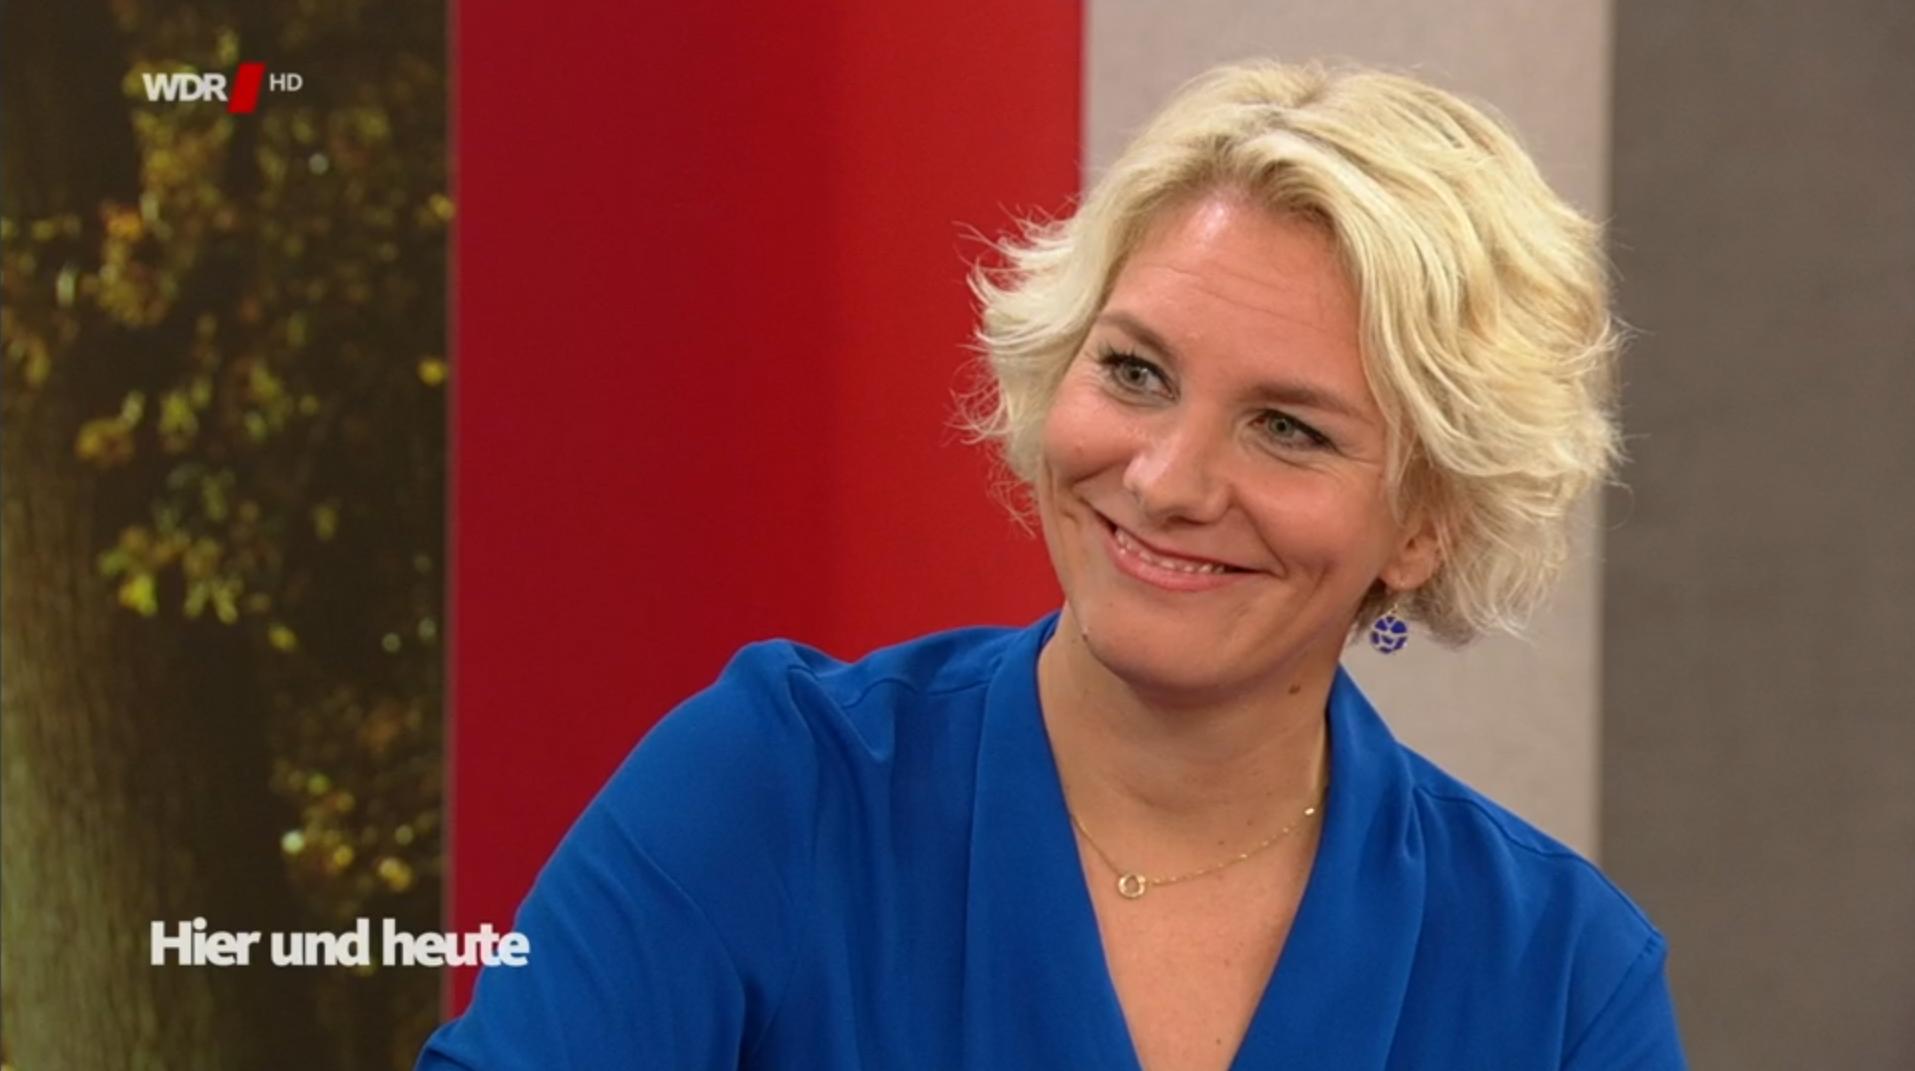 Nicole Mutschke wdr hier und heute tv wdr experte